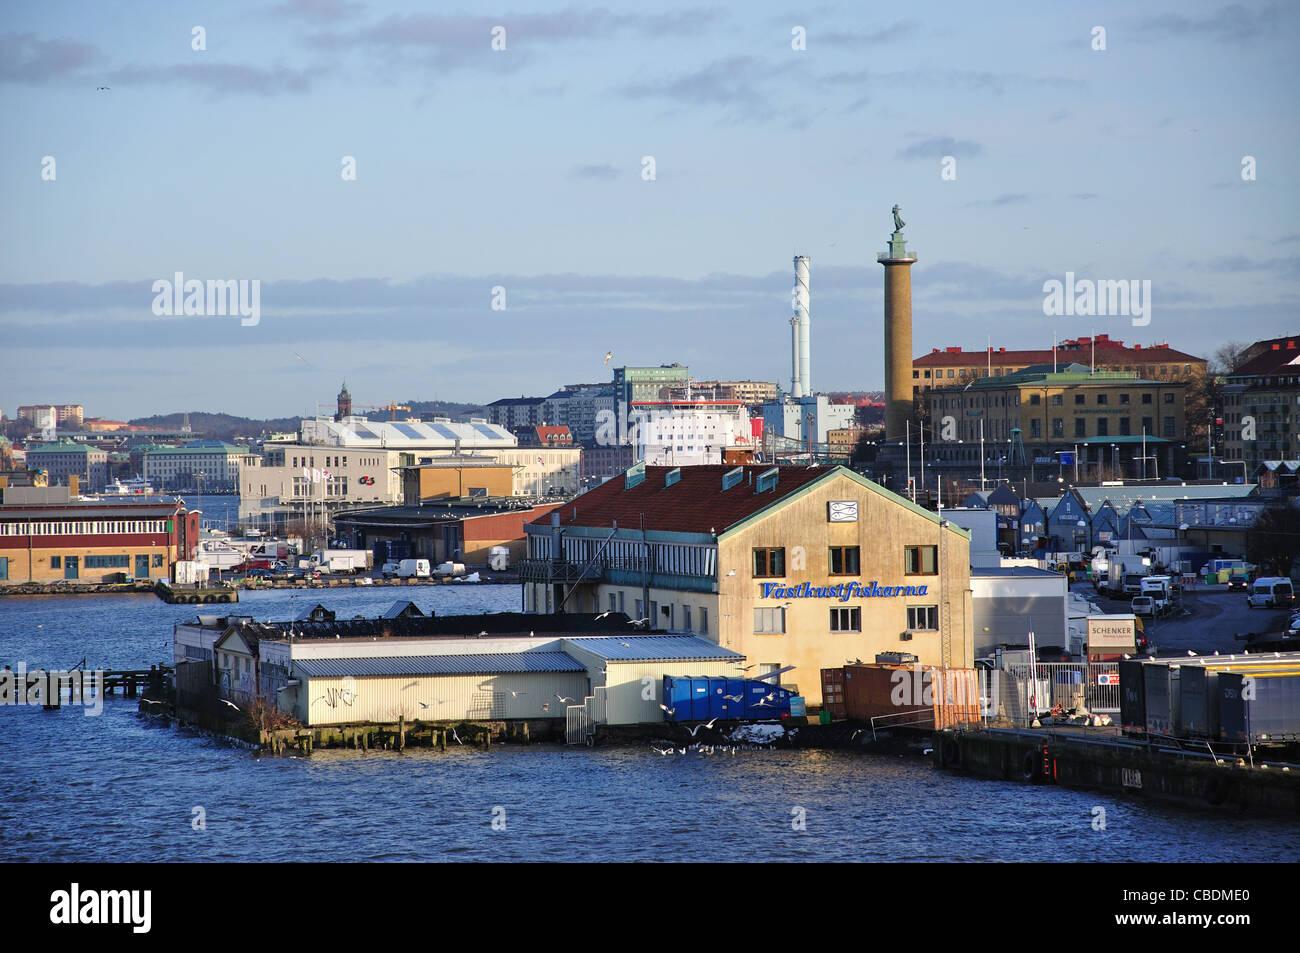 El puerto de Gotemburgo, en Gotemburgo, en la provincia de Västergötland & Bohuslän, Reino de Suecia Foto de stock